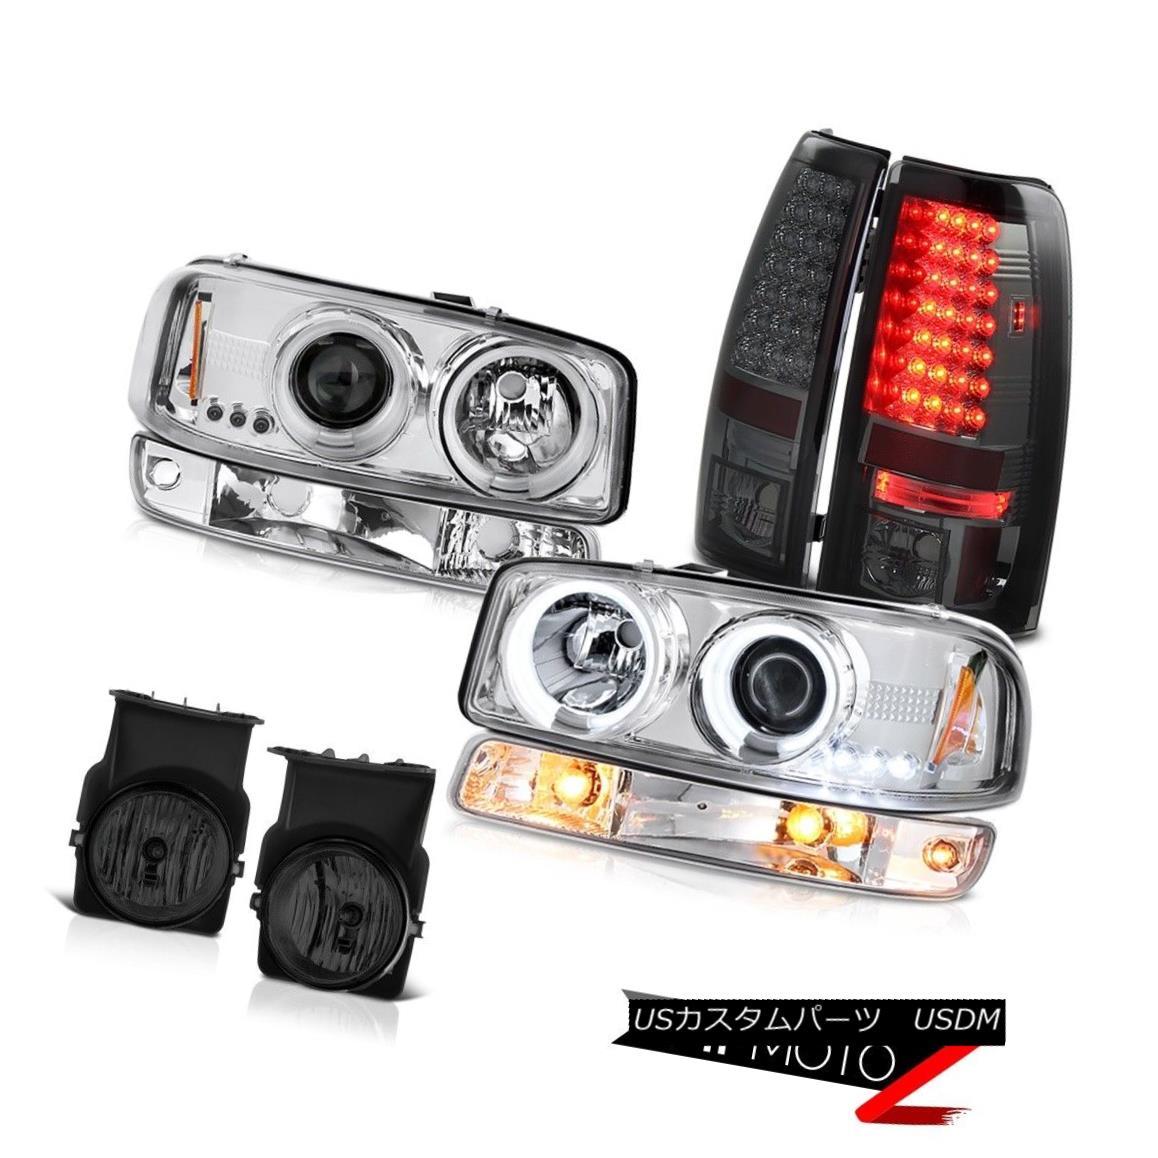 テールライト 2003-2006 Sierra 5.3L Smoked fog lights taillamps signal lamp ccfl headlights 2003-2006シエラ5.3Lスモークフォグライトテールランプ信号ランプccflヘッドライト